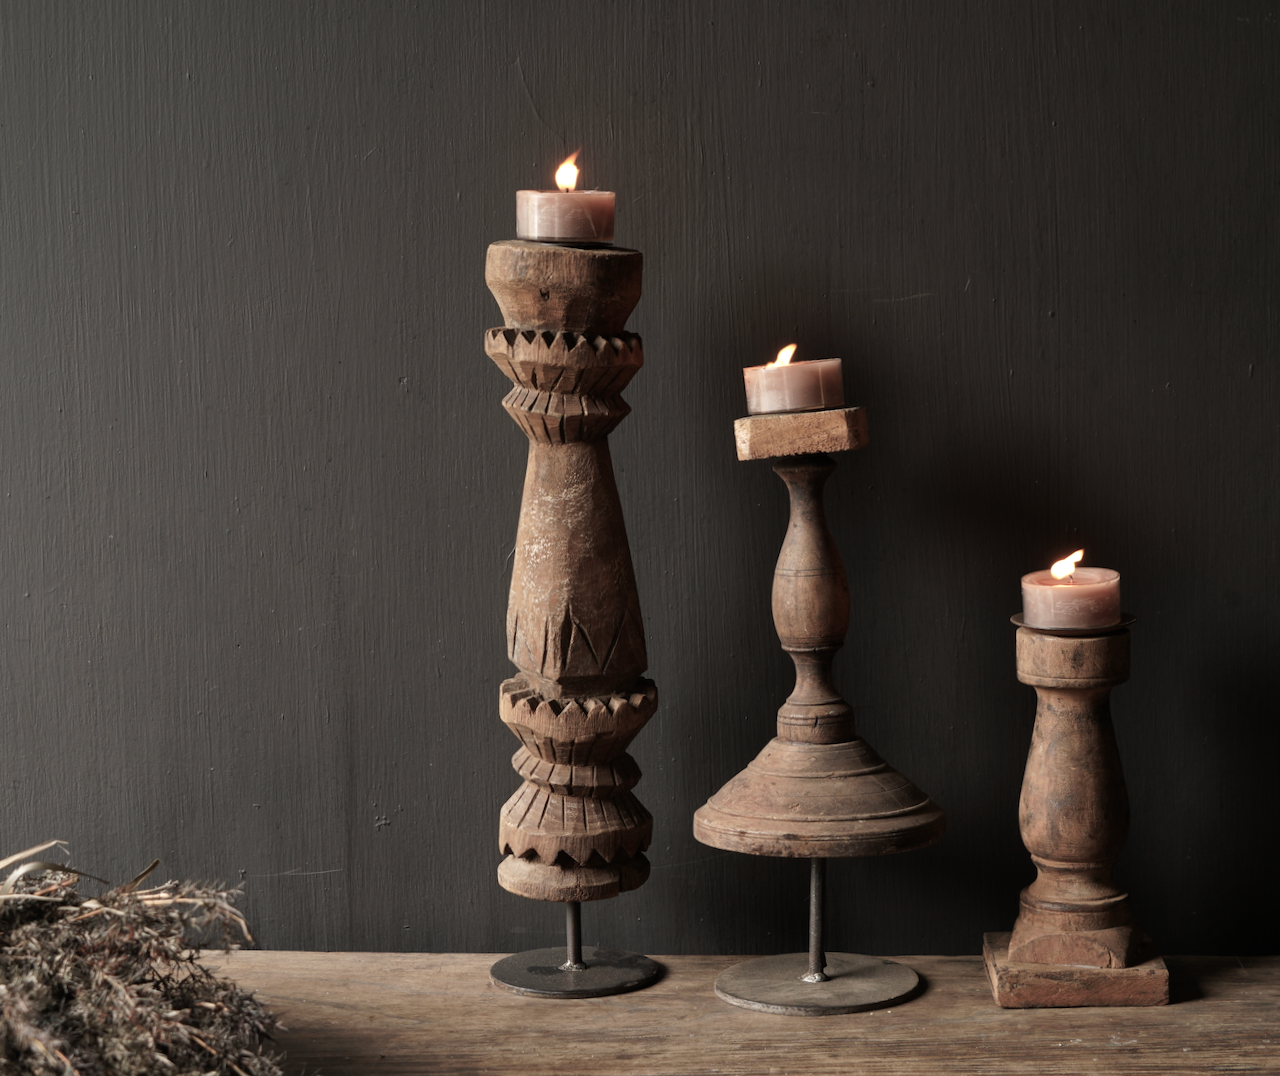 Hölzerner nepalesischer Kerzenhalter von der alten Verzierung-5